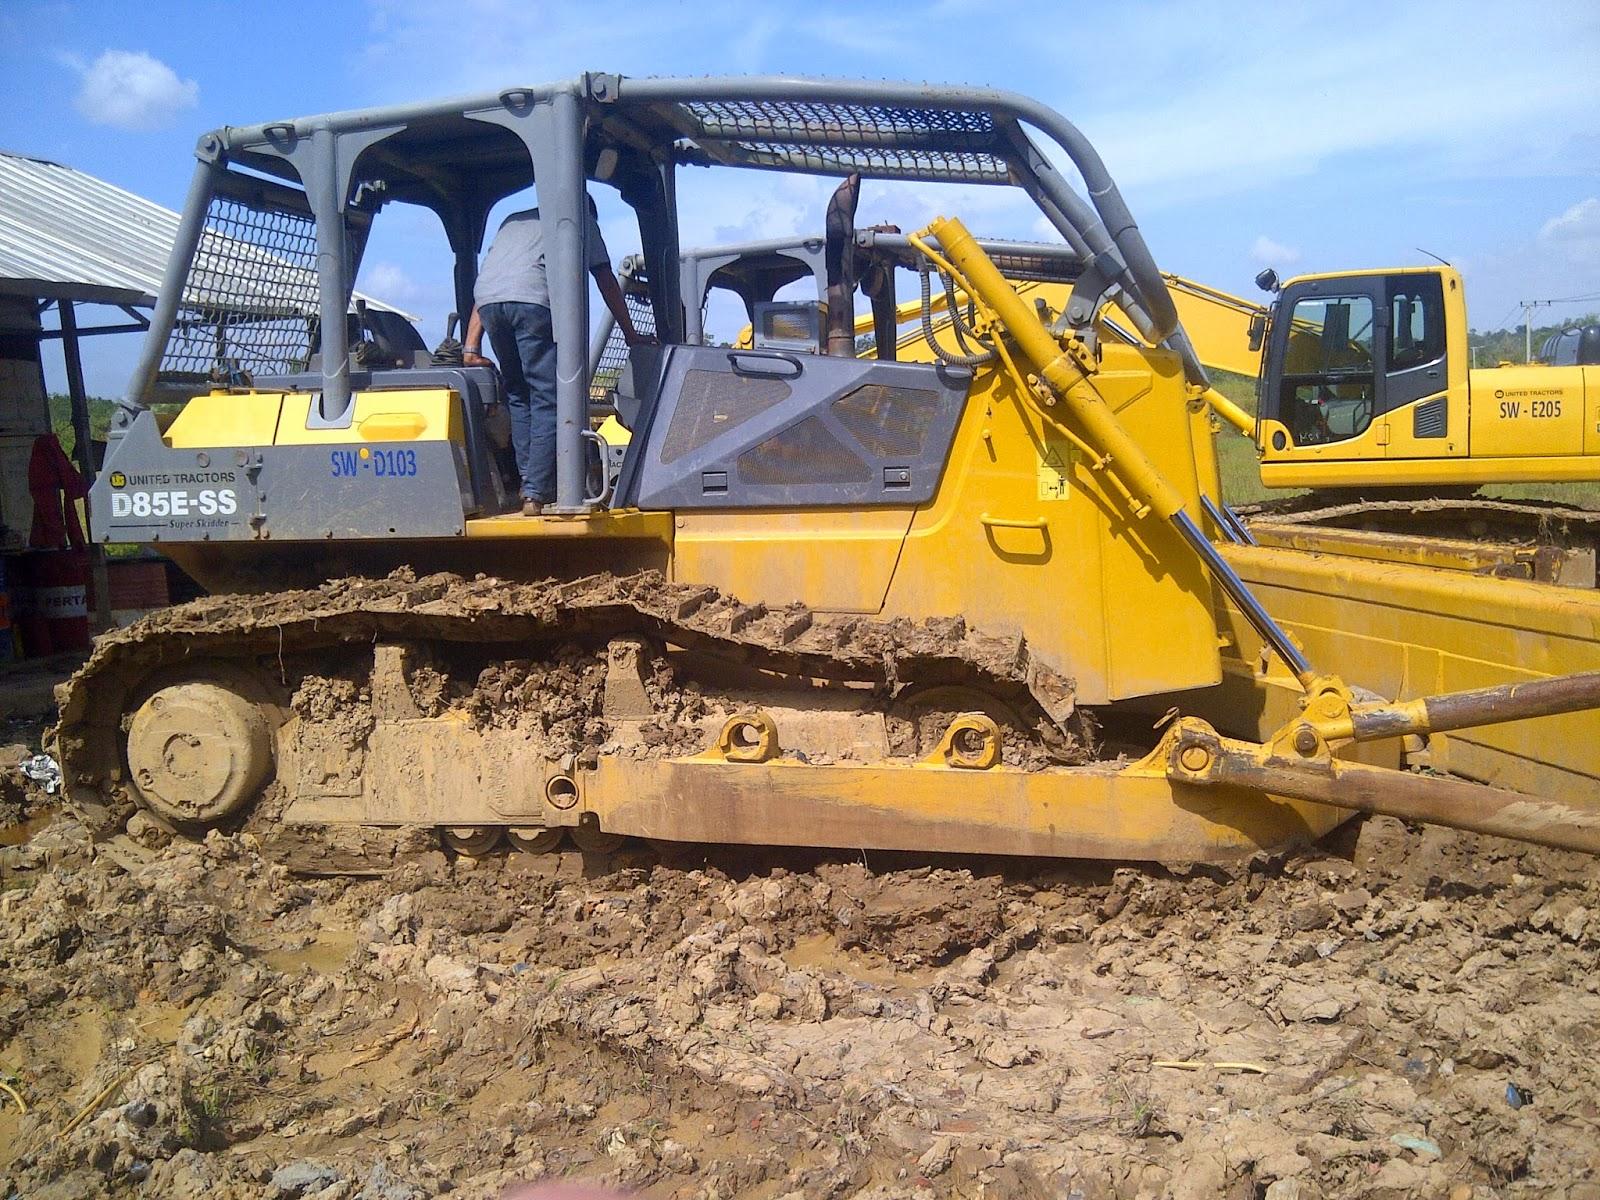 Dijual 2 unit bulldozer komatsu d85ess-2 tahun 2010, kondisi sehat dan siap kerja